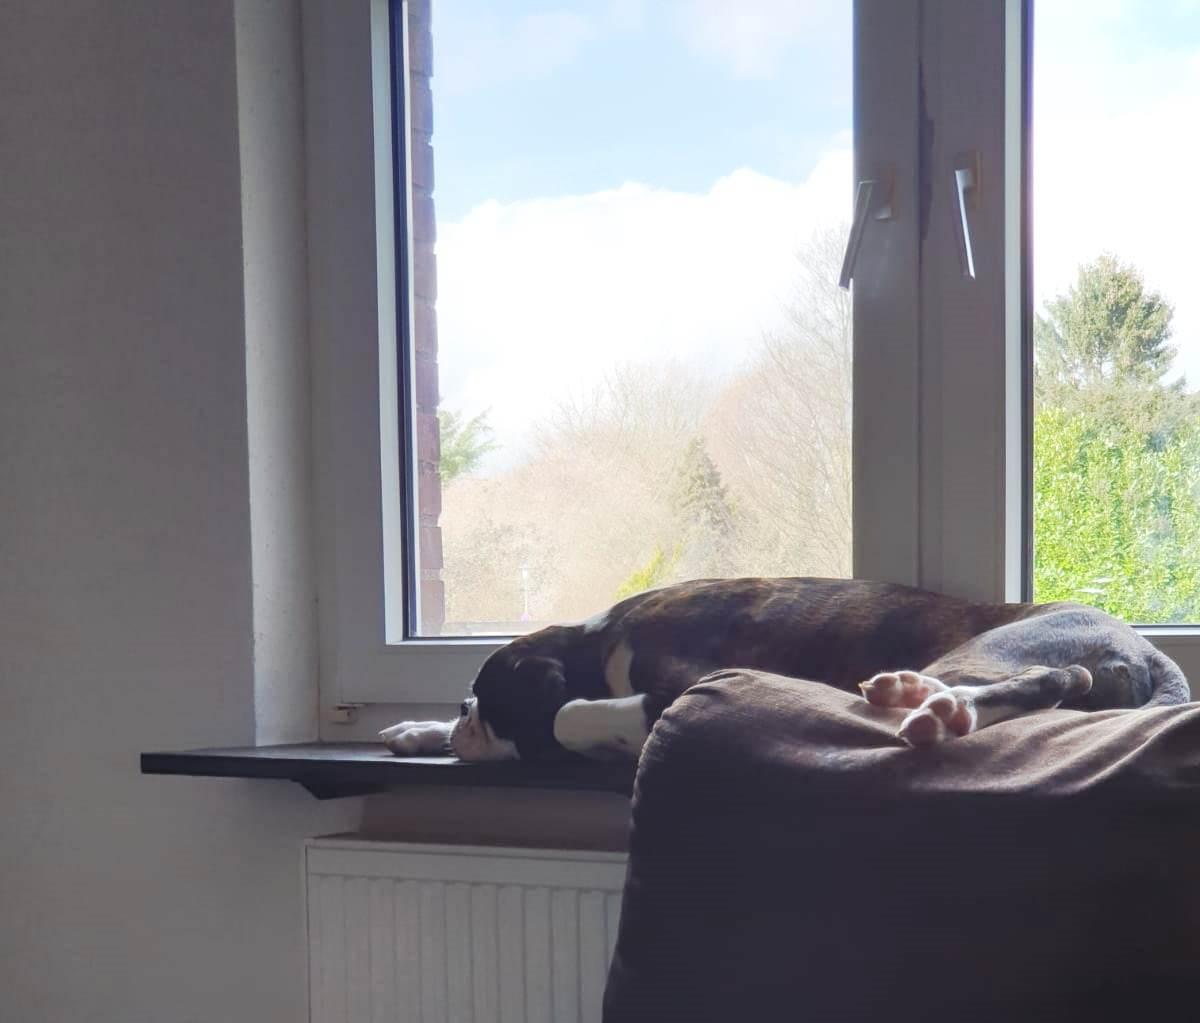 der beste Platz: auf der Fensterbank über der Heizung